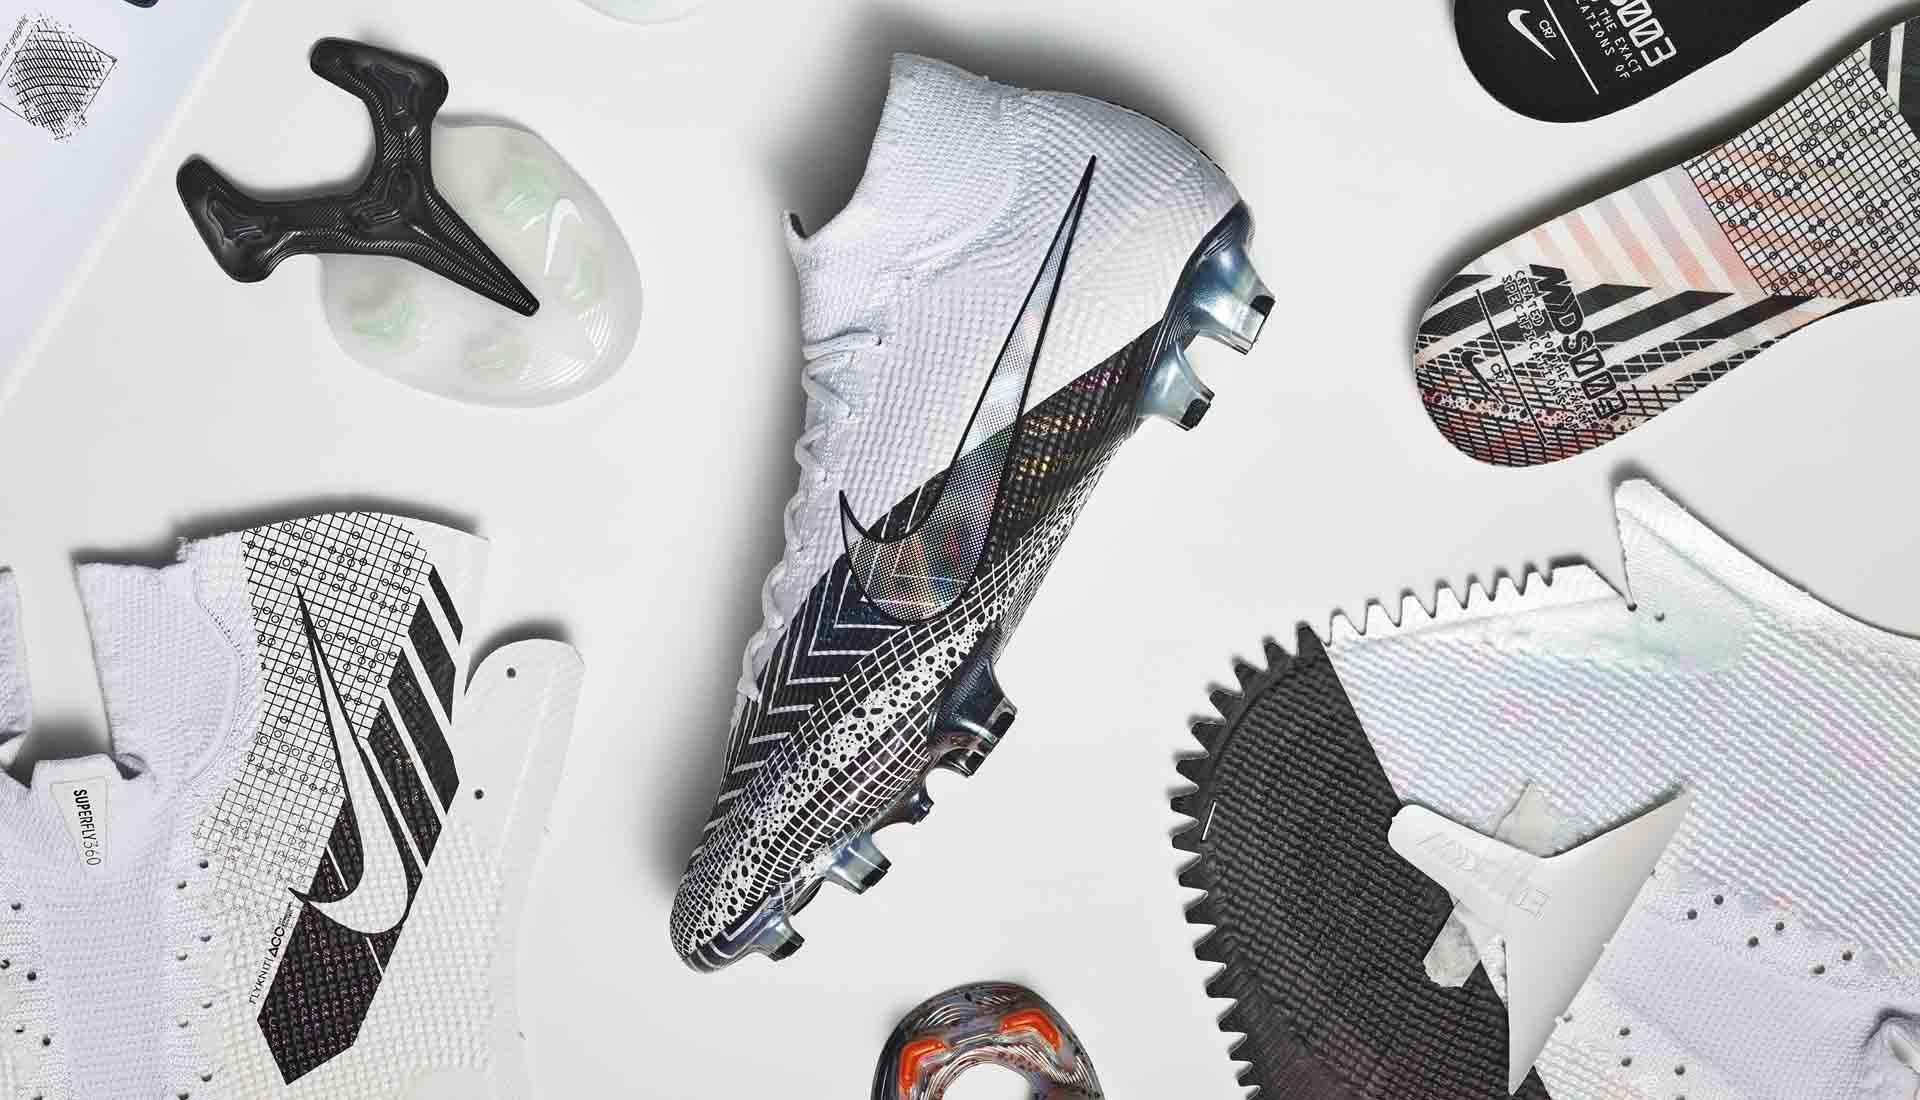 Giày Nike Mercurial Dream Speed 3 được ra mắt với thiết kế đẹp mắt, độc lạ